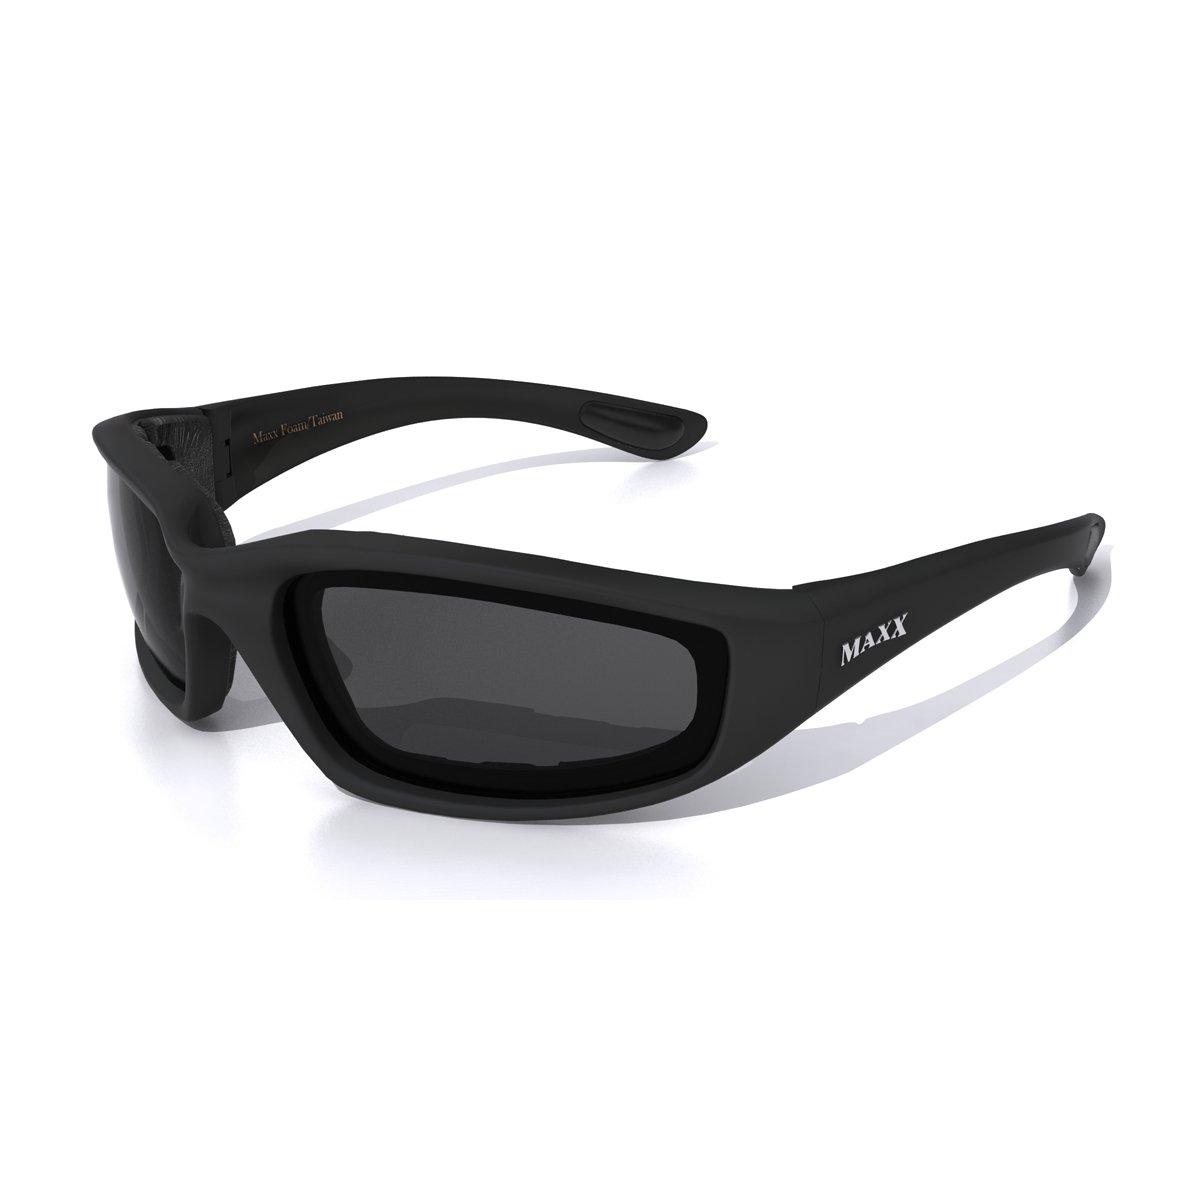 Maxx FOAM Motorcycle SMOKE Sunglasses